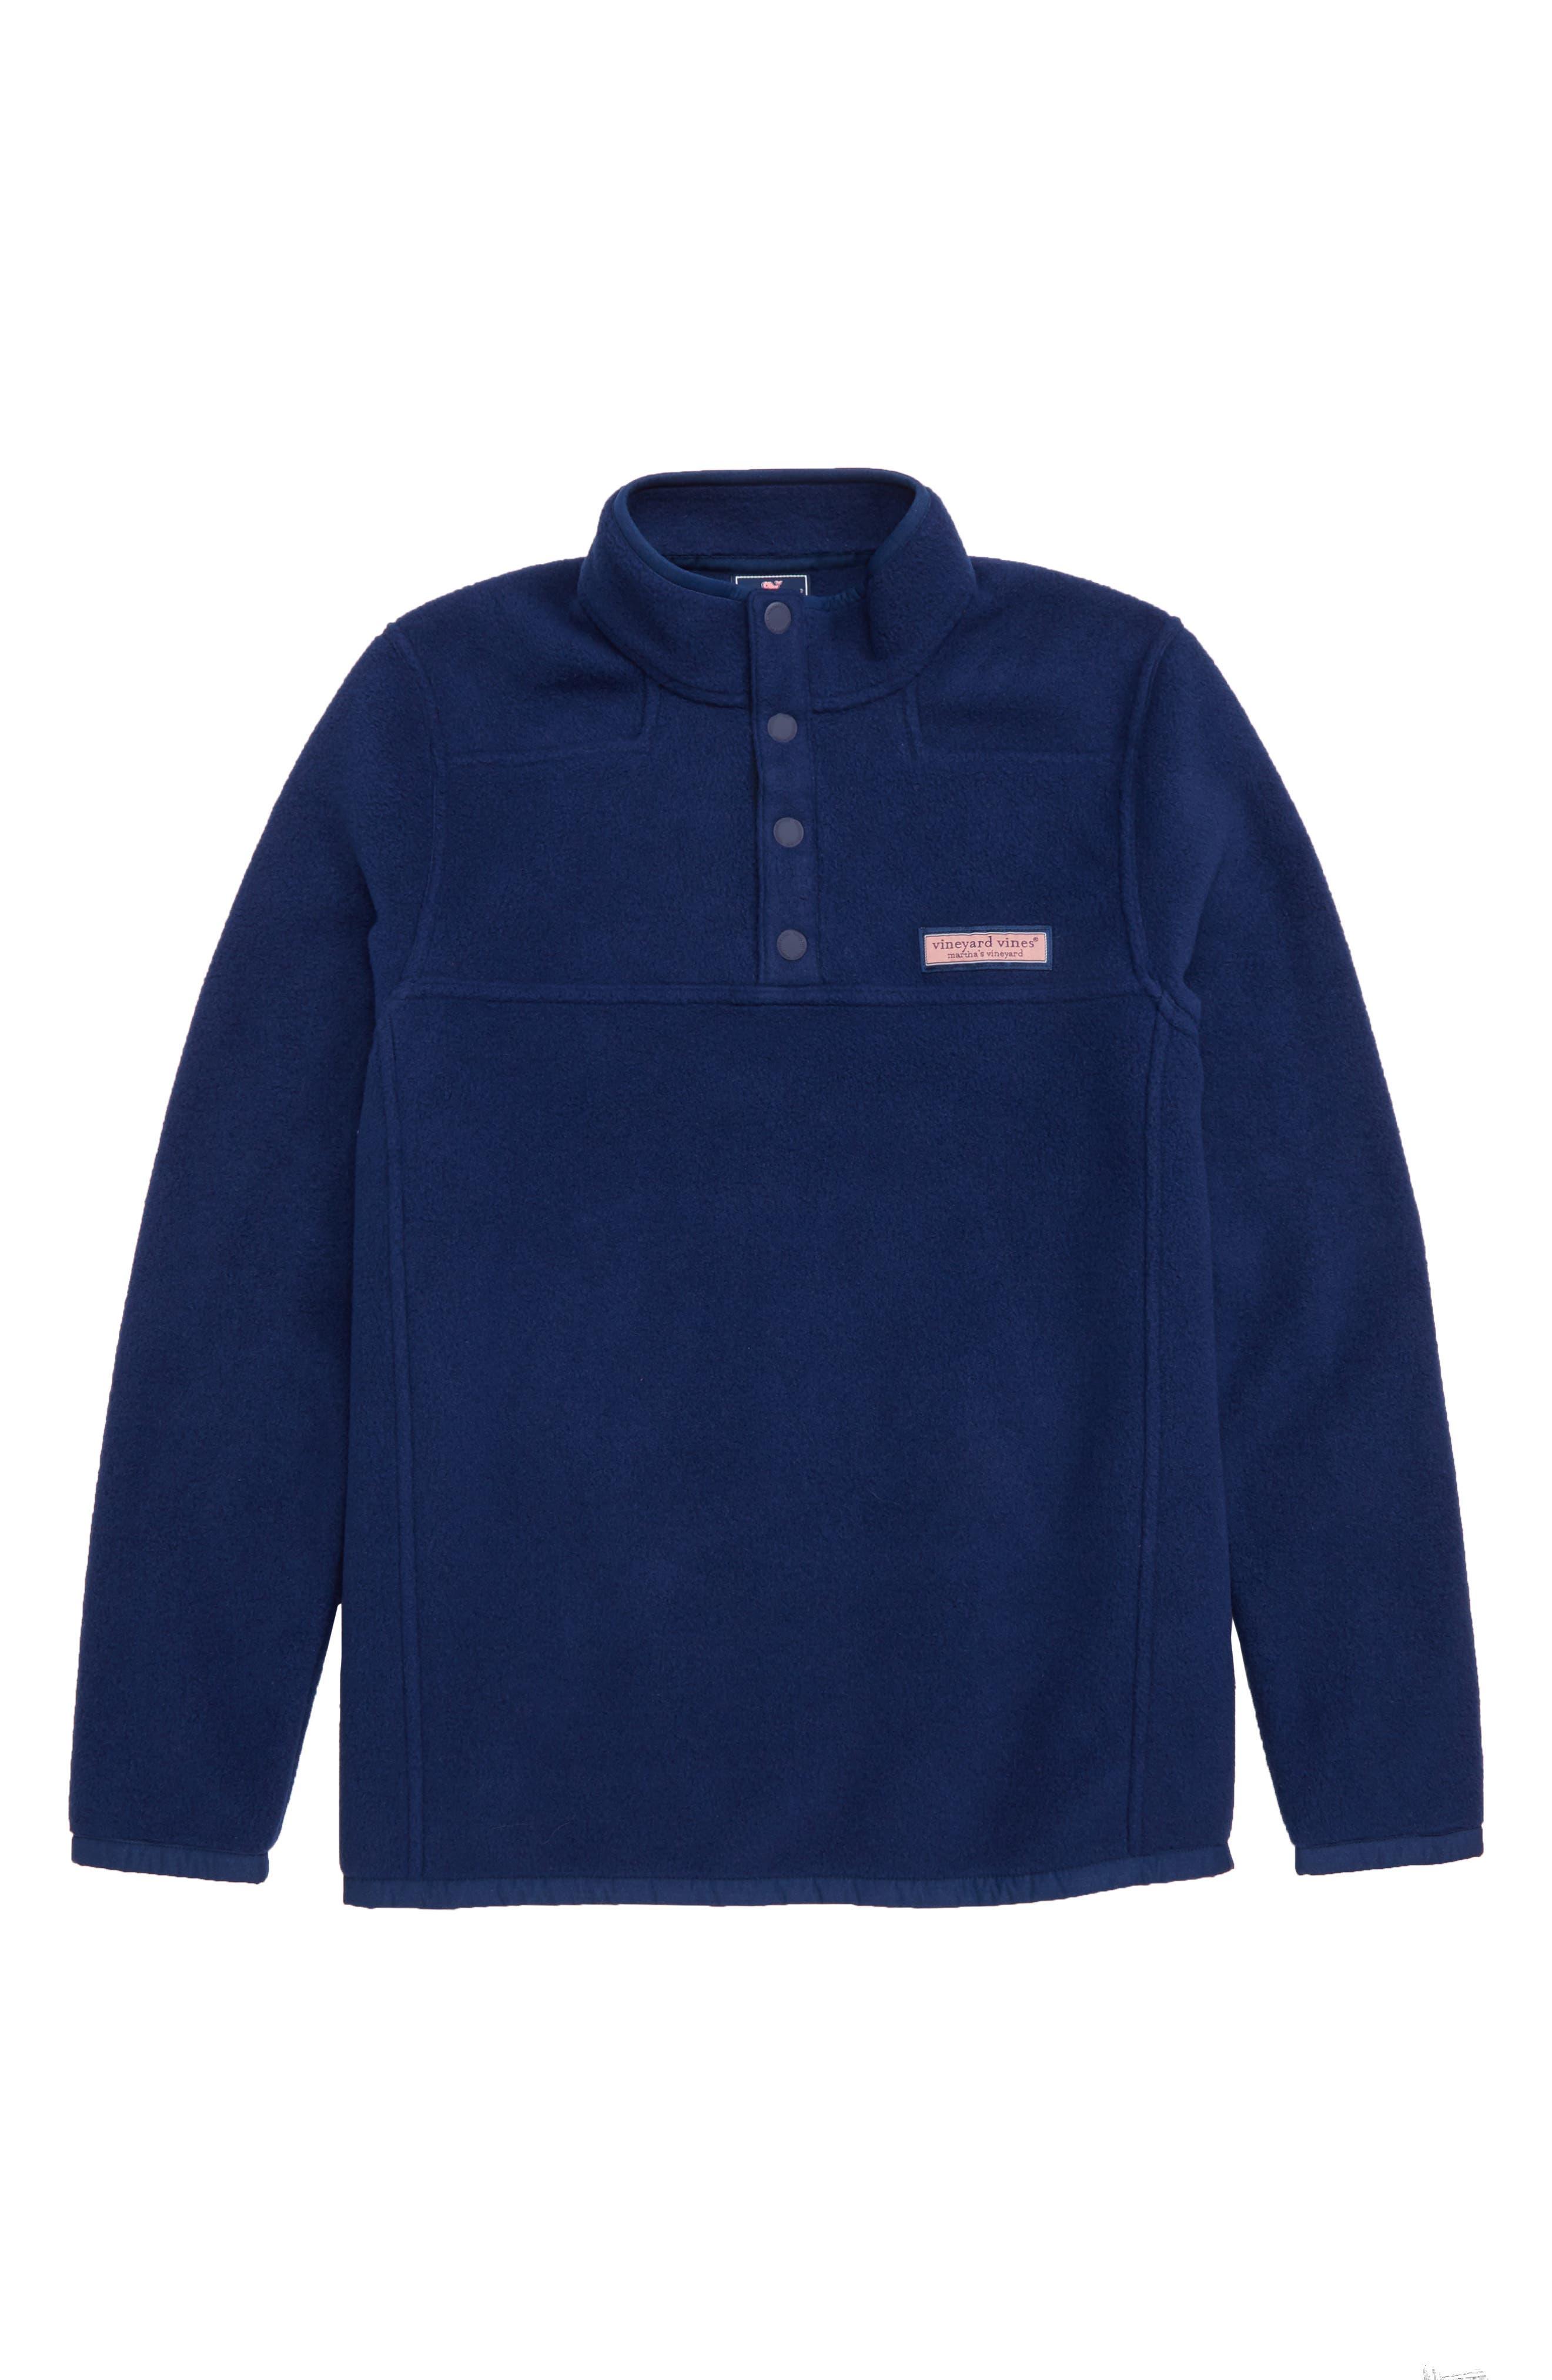 Shep Snap Placket Fleece Pullover,                         Main,                         color, DEEP BAY